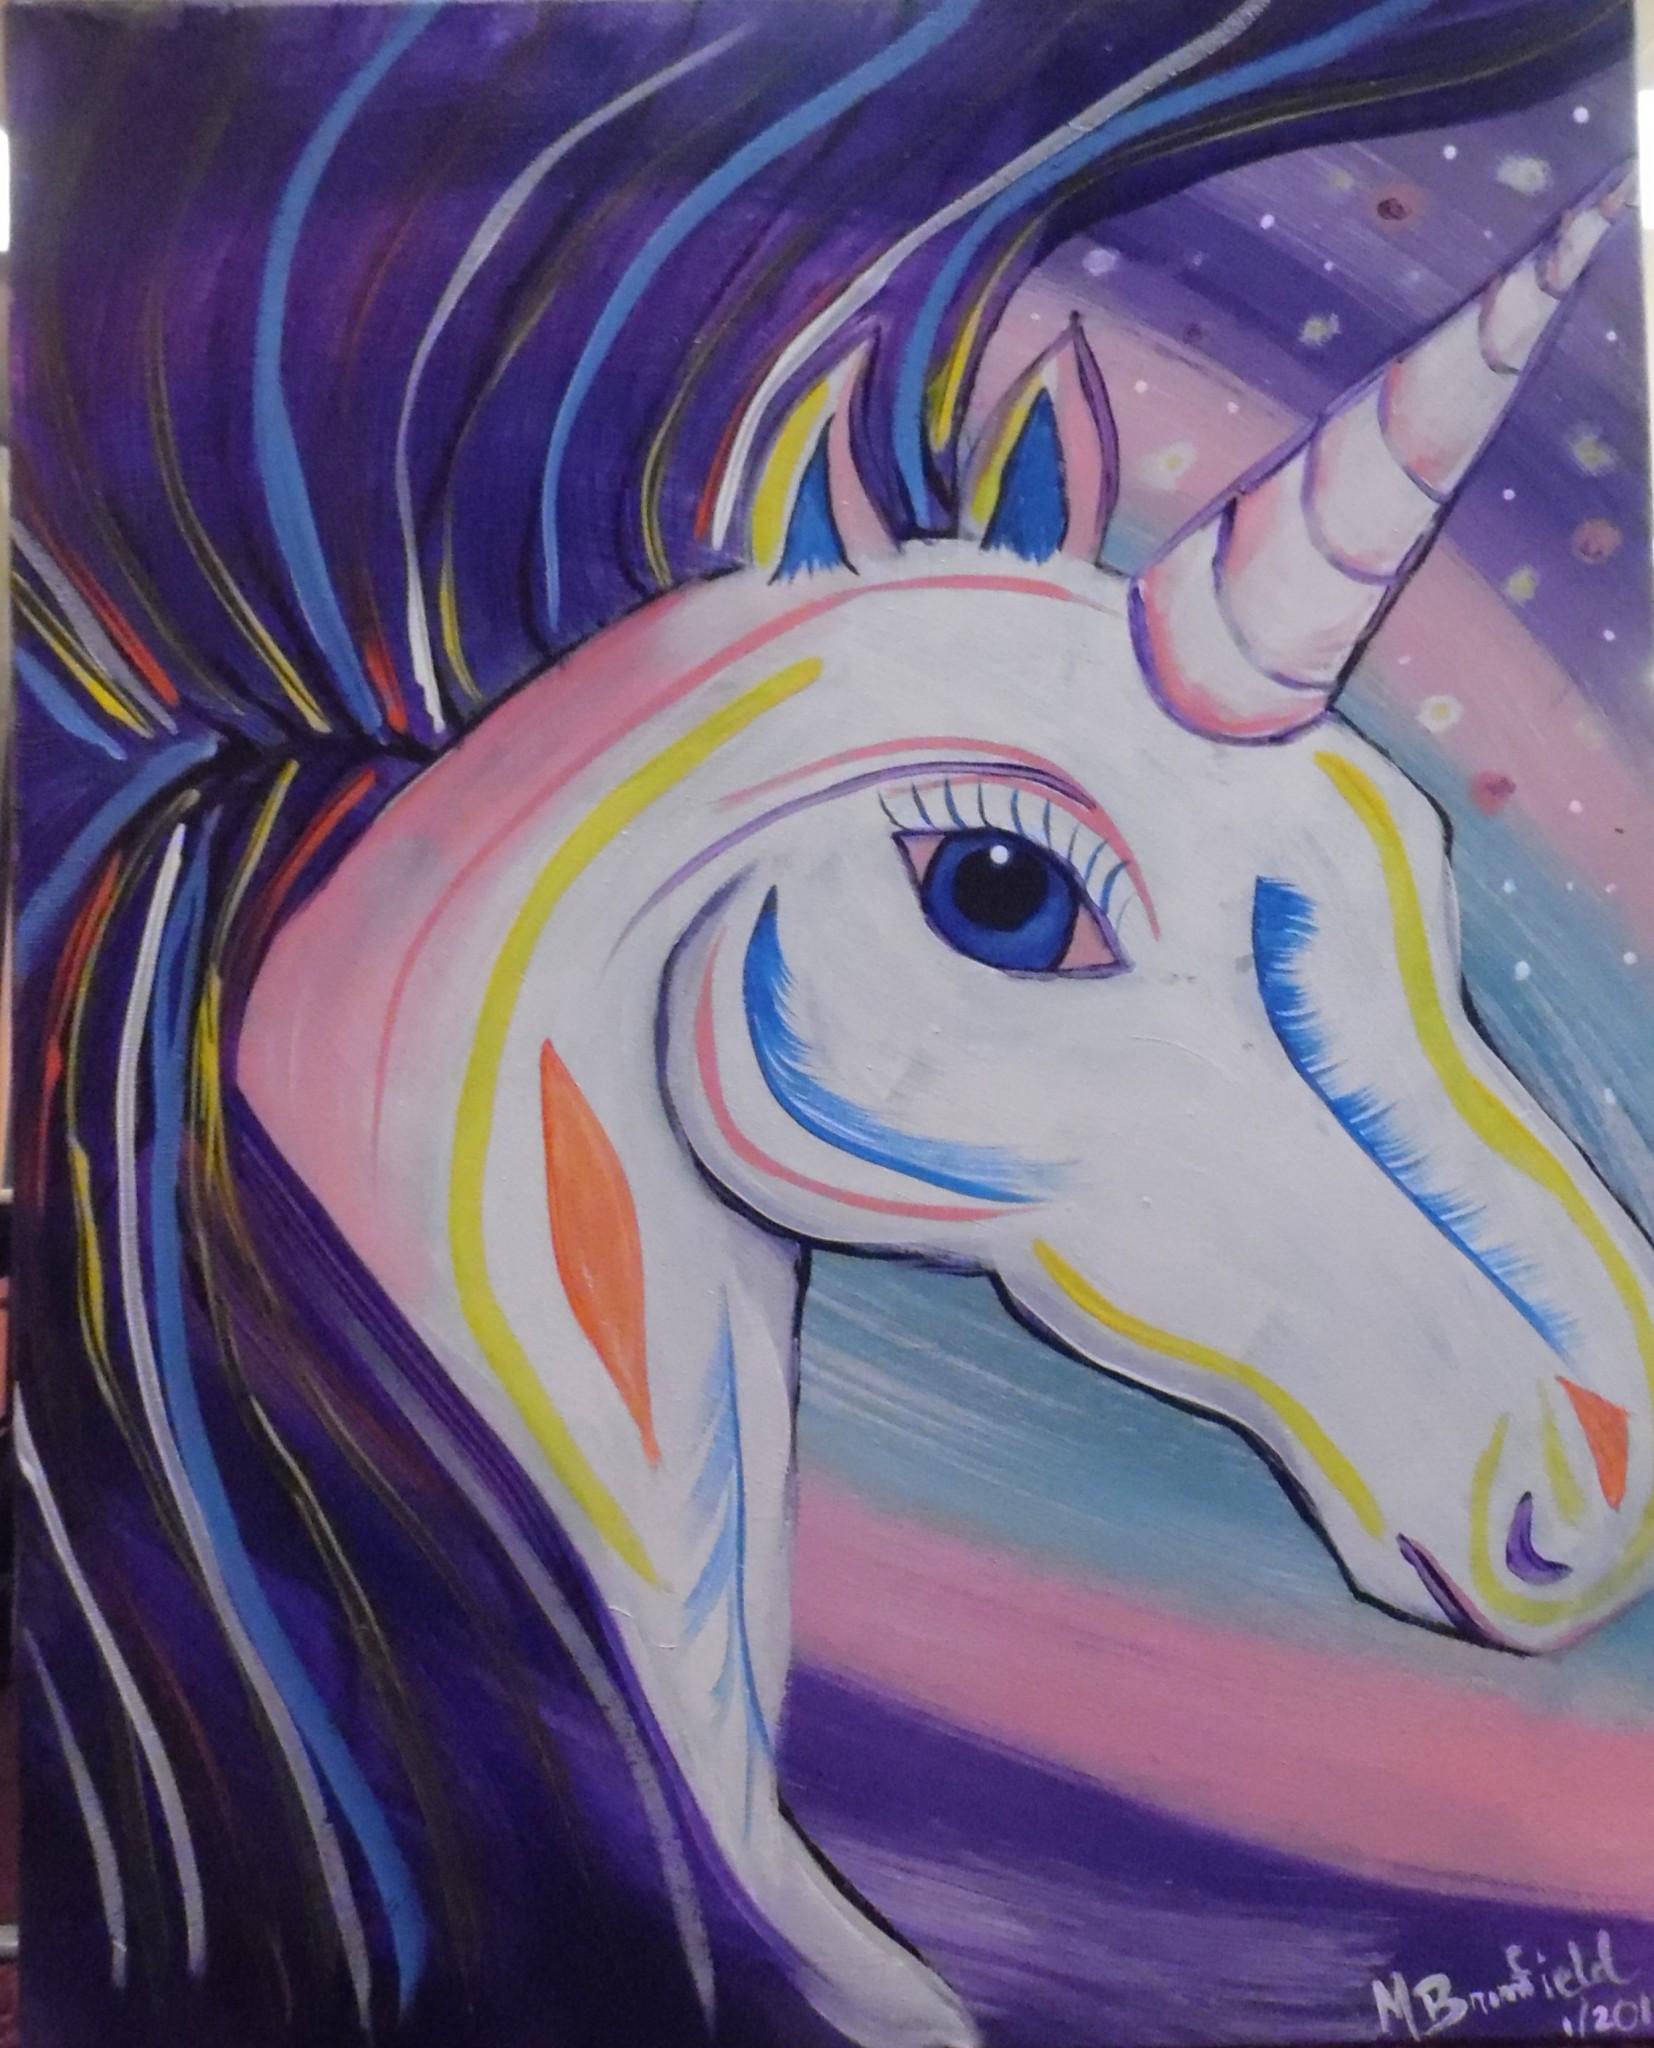 Let's Paint A Unicorn